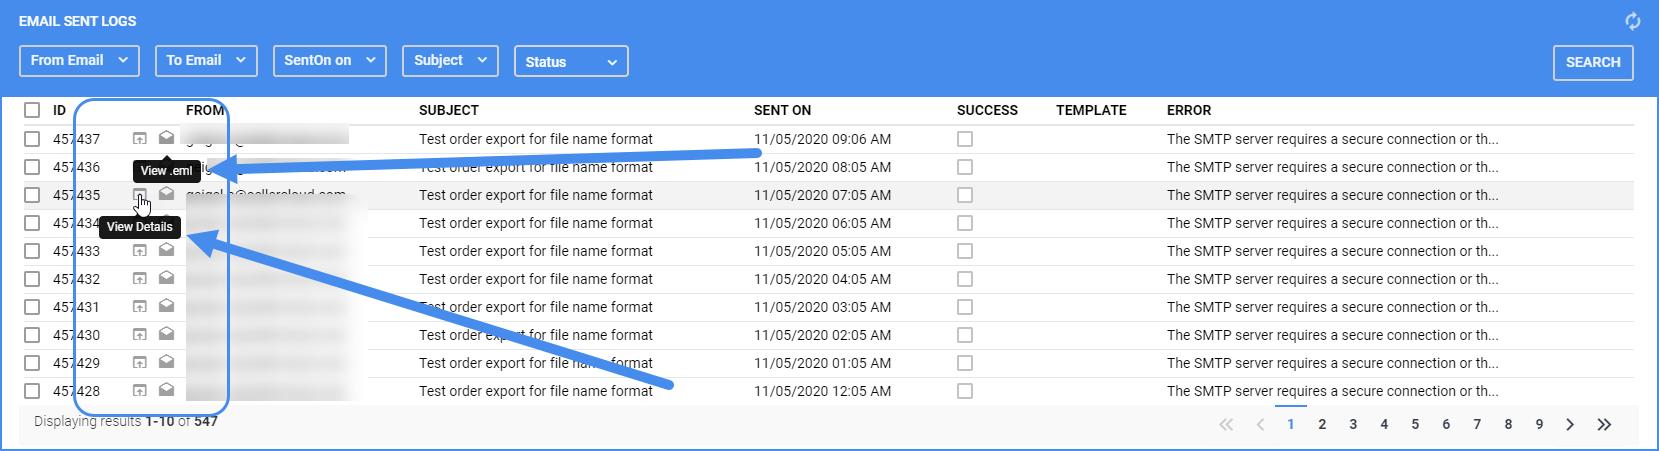 delta email sent log